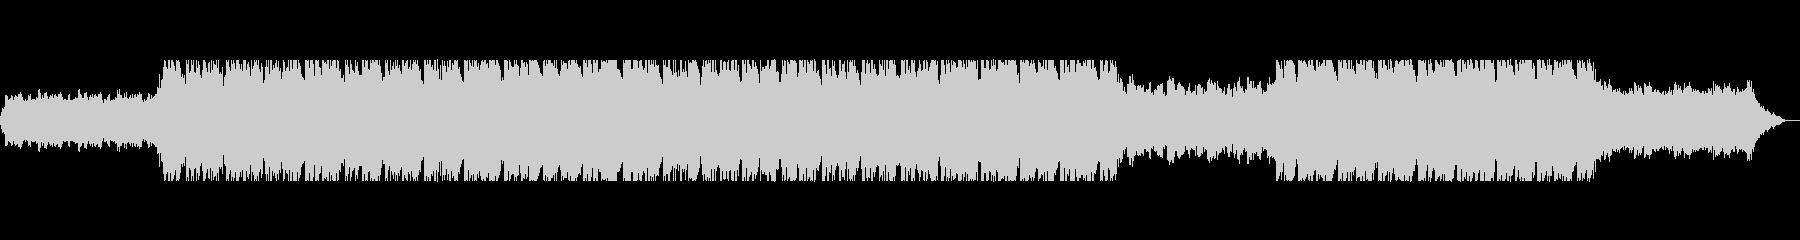 ノスタルジックで切なく悲しいTRAPの未再生の波形